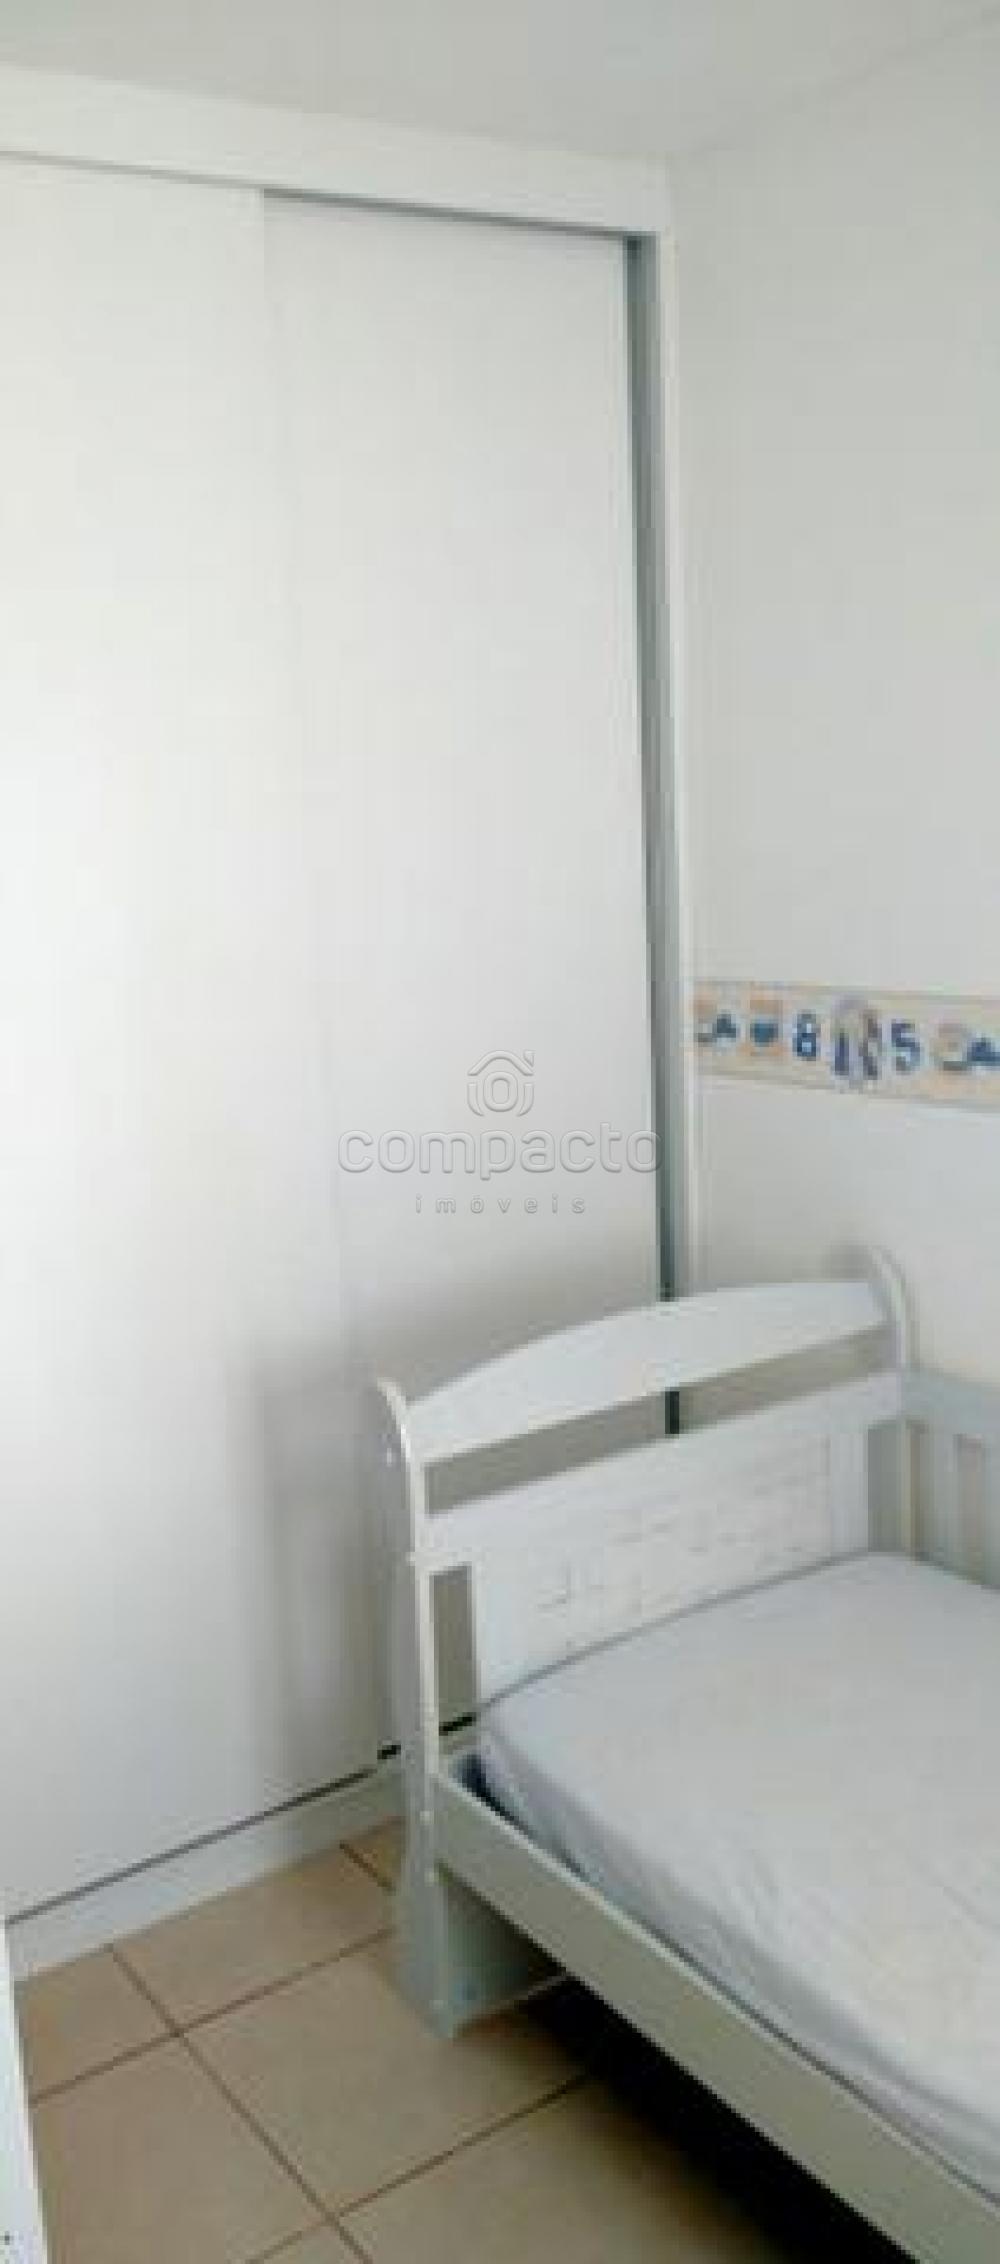 Alugar Apartamento / Cobertura em São José do Rio Preto apenas R$ 1.500,00 - Foto 6